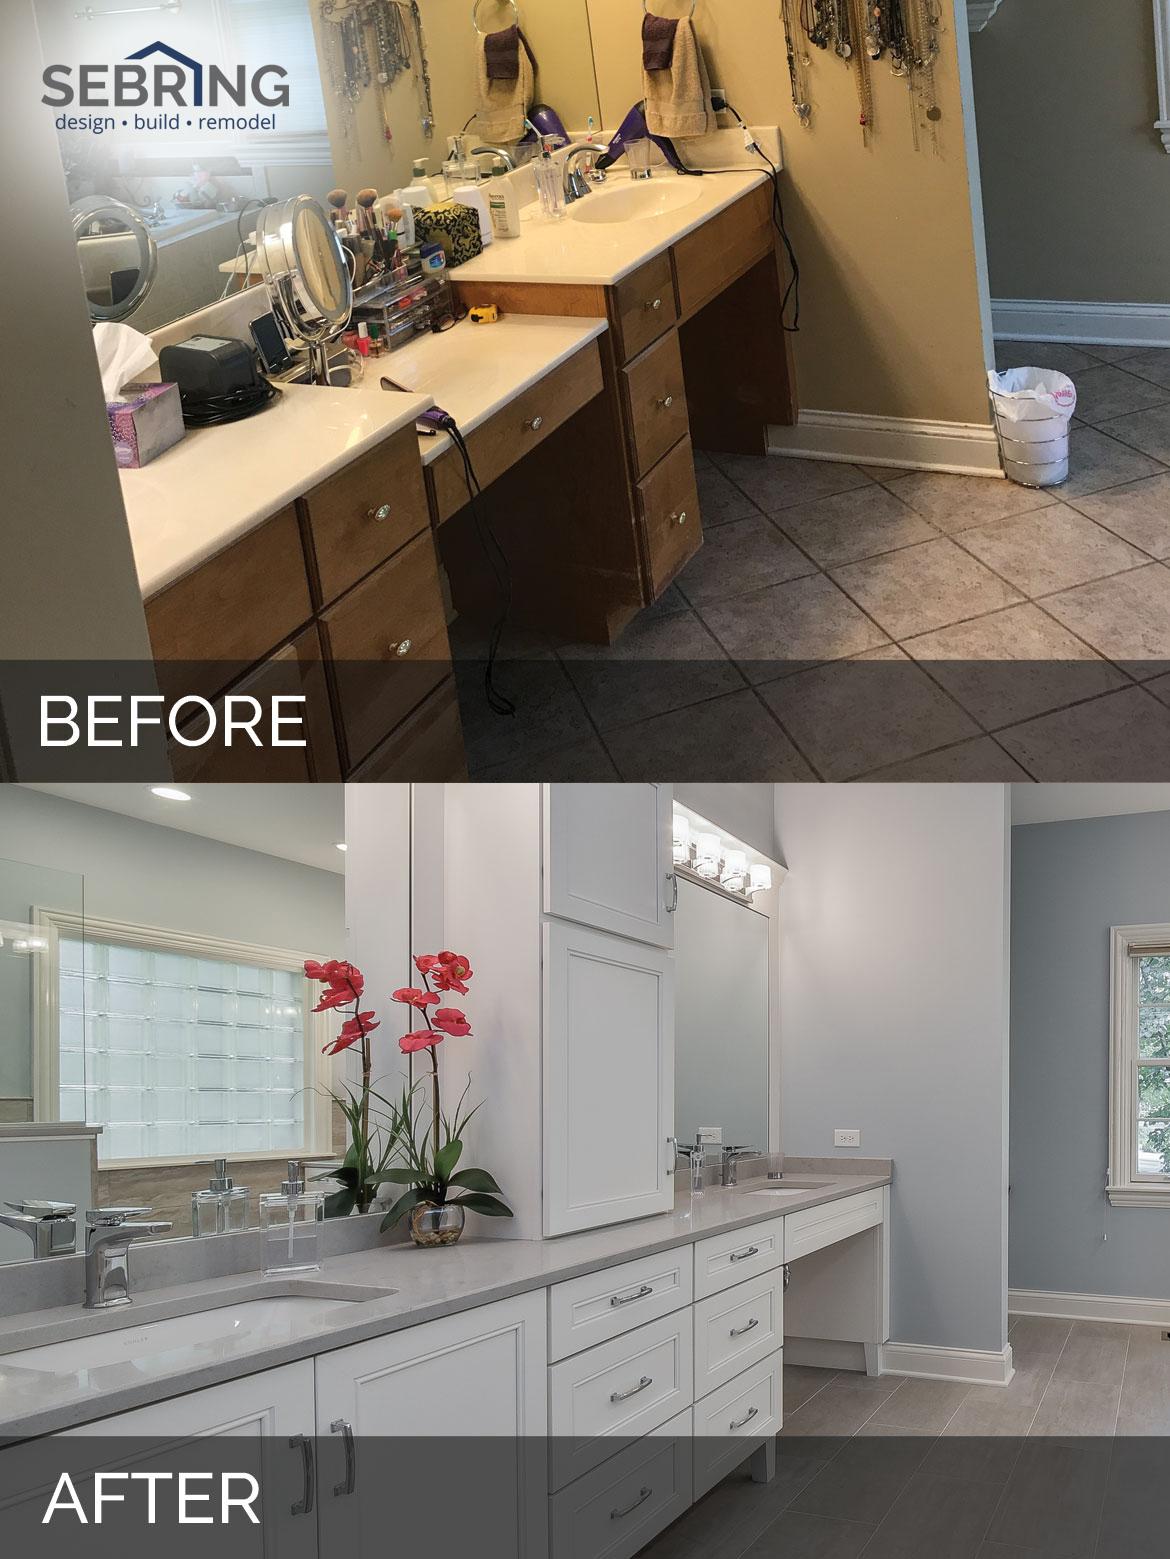 Before & After Bathroom Naperville - Sebring Design Build